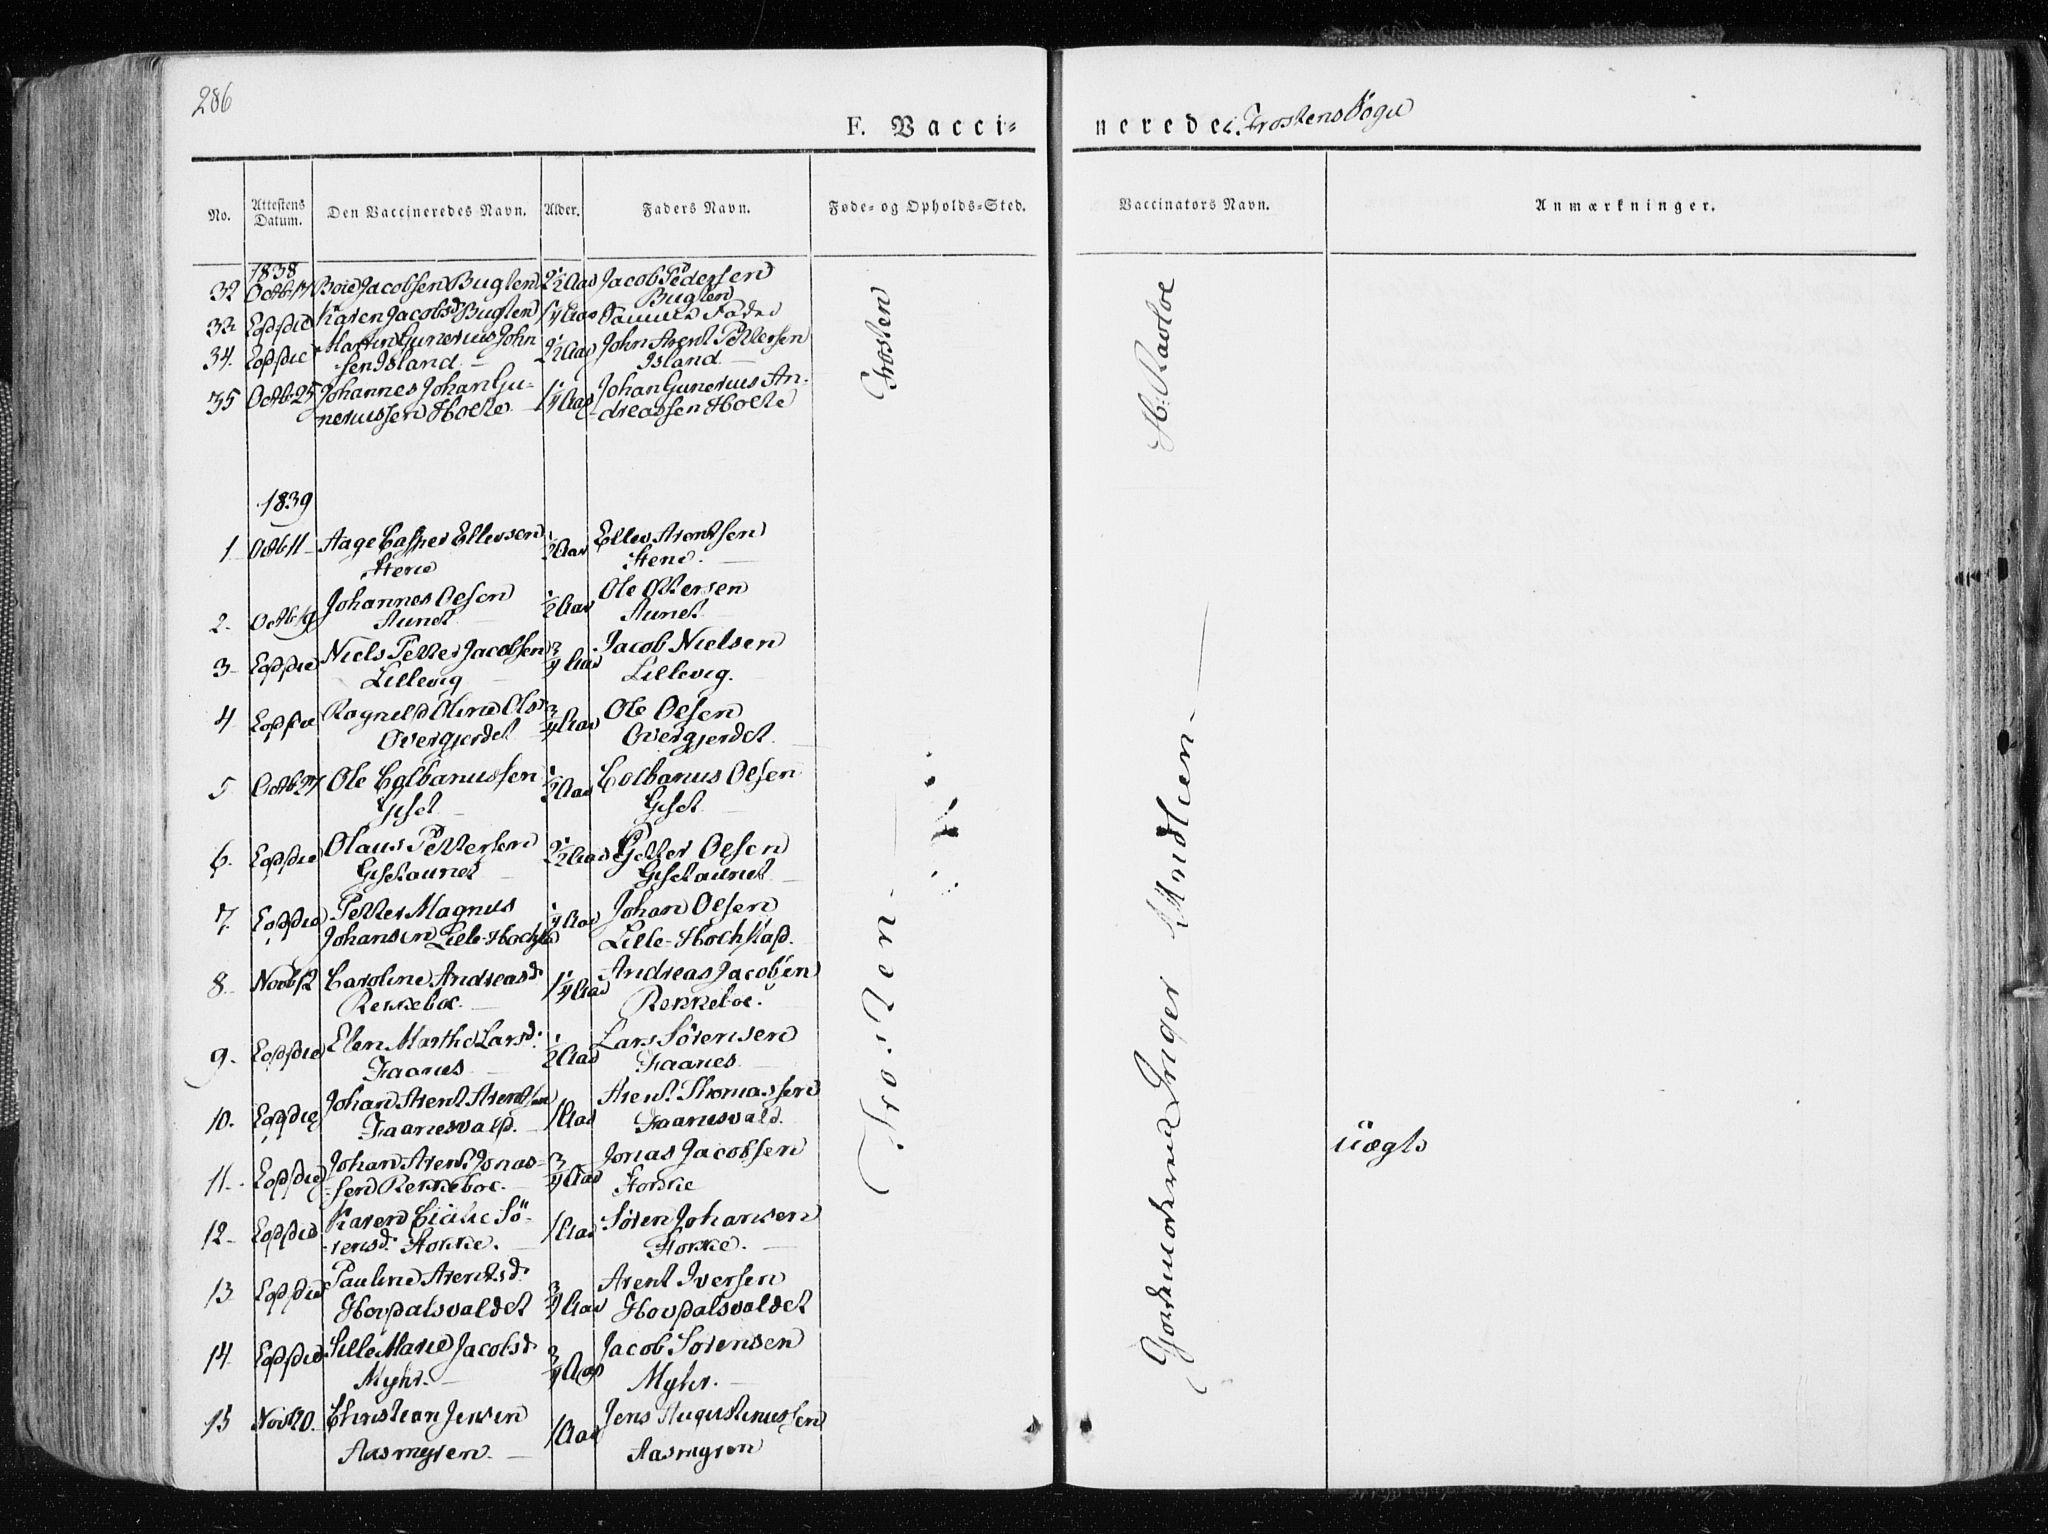 SAT, Ministerialprotokoller, klokkerbøker og fødselsregistre - Nord-Trøndelag, 713/L0114: Ministerialbok nr. 713A05, 1827-1839, s. 286